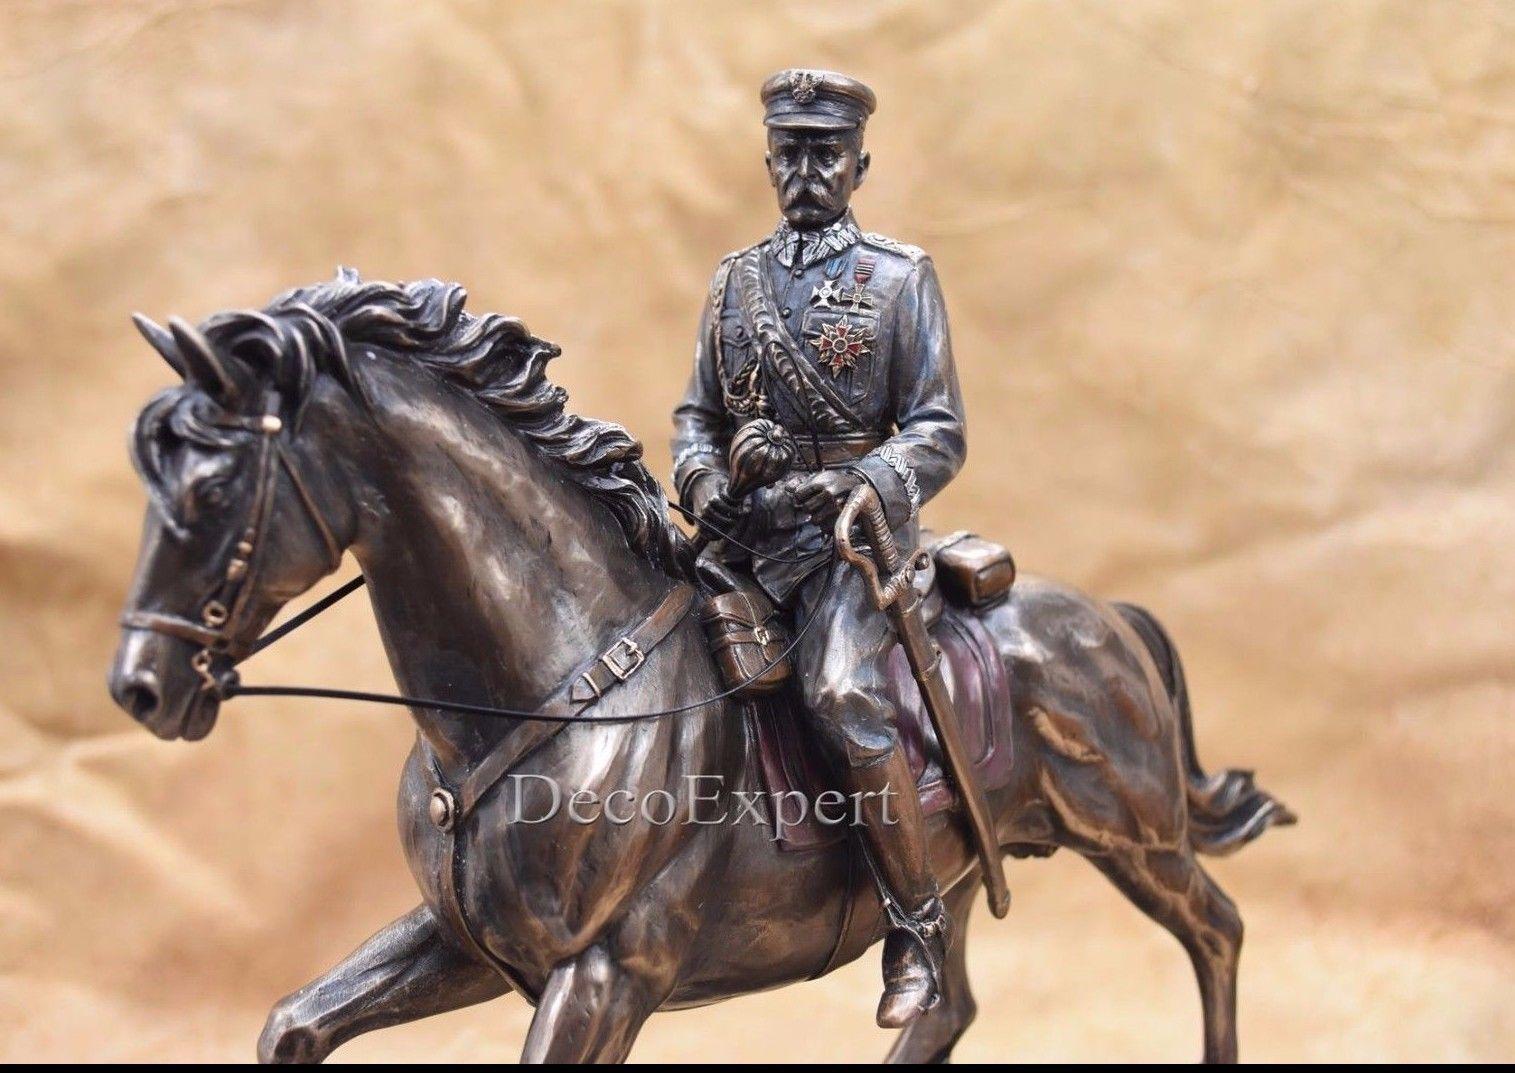 First Marshal of Poland Jozef Pilsudski on horse Józef Piłsudski na Kasztance